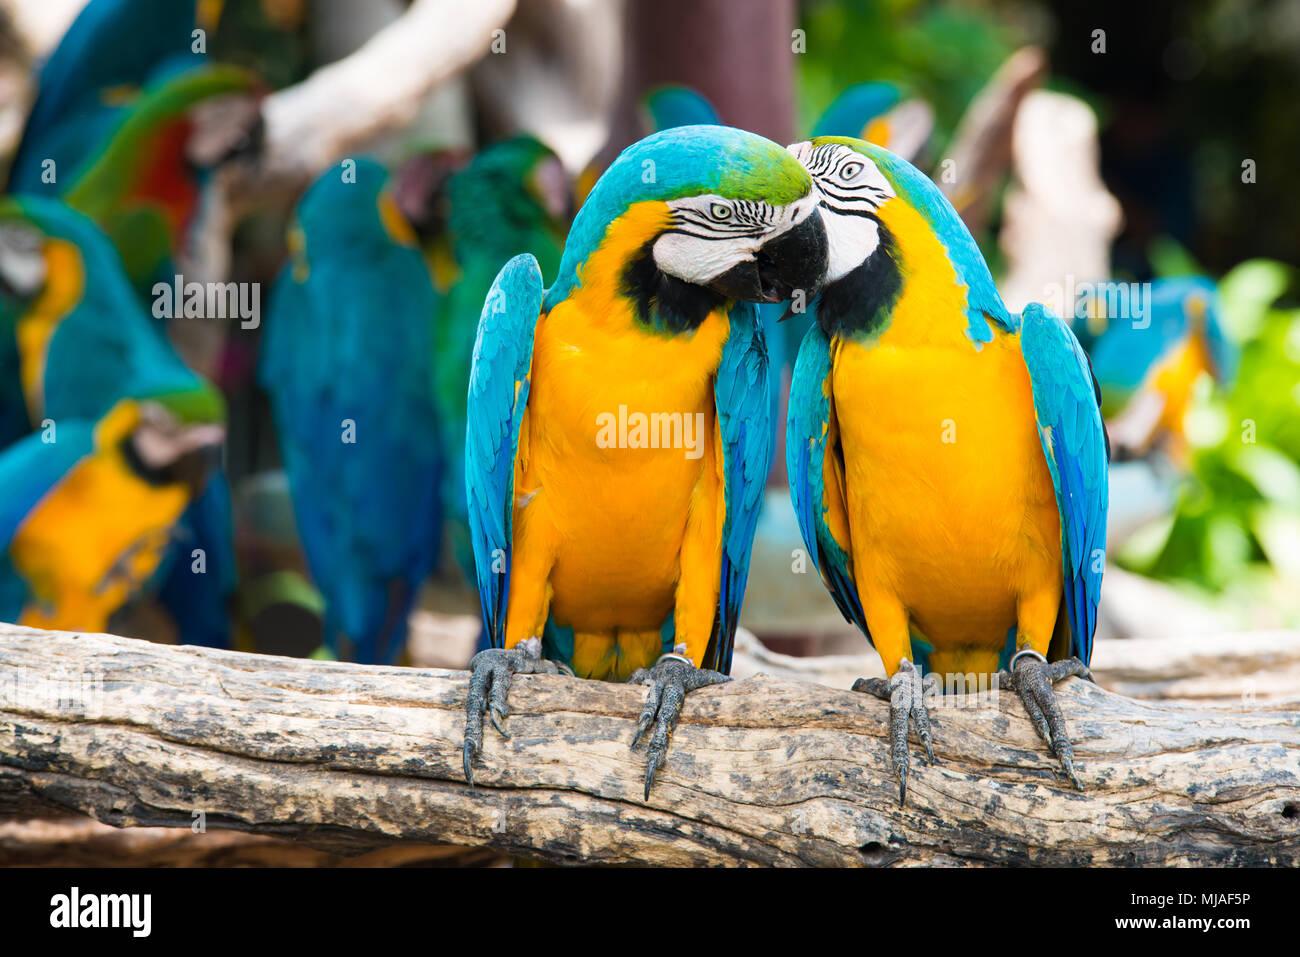 Una coppia di blu e giallo macaws appollaia al ramo di legno nella giungla. Colorato macaw uccelli nella foresta. Immagini Stock